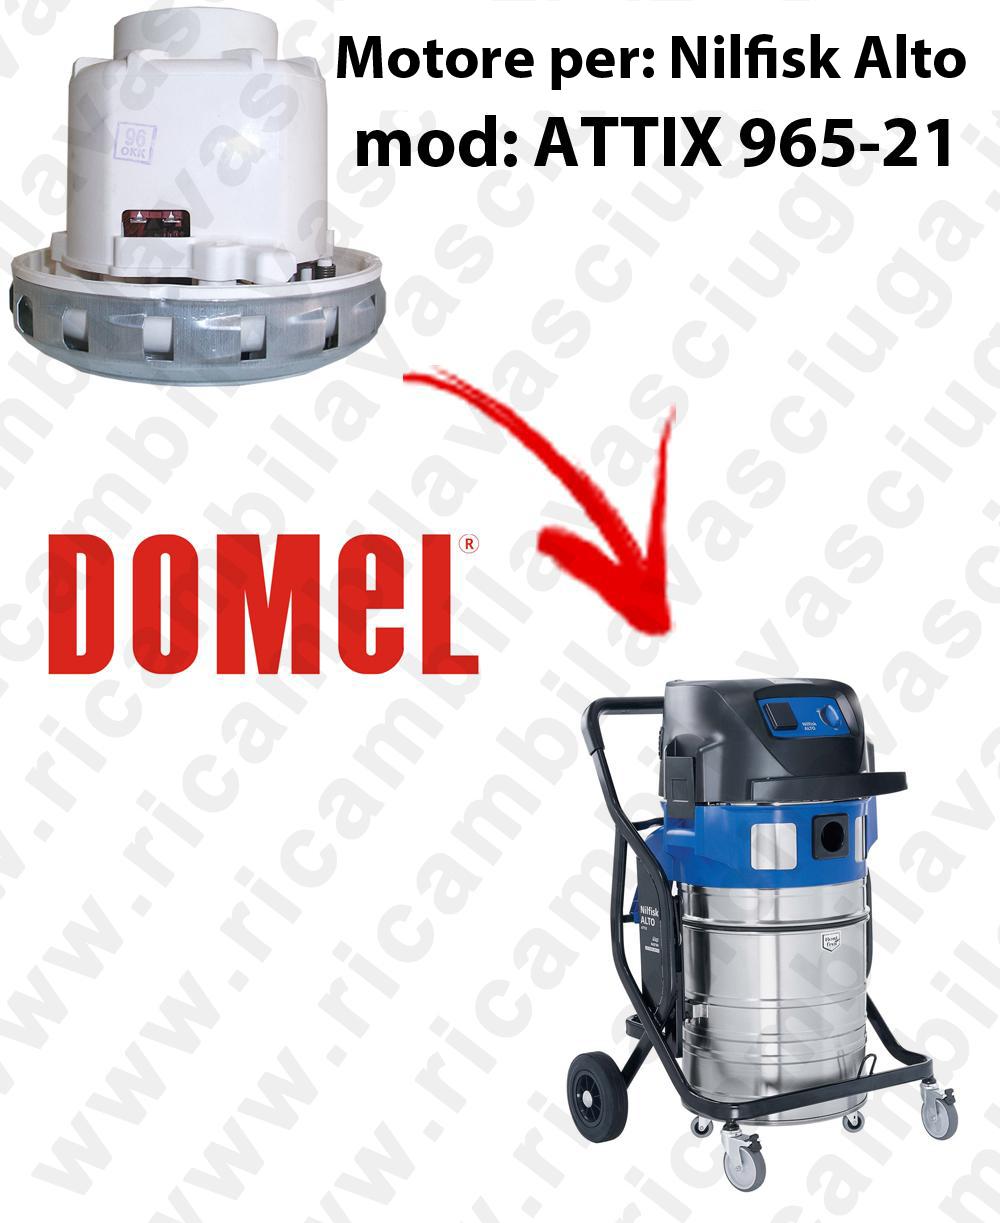 MOTORE DOMEL  para ATTIX 965-21 aspiradora NILFISK ALTO